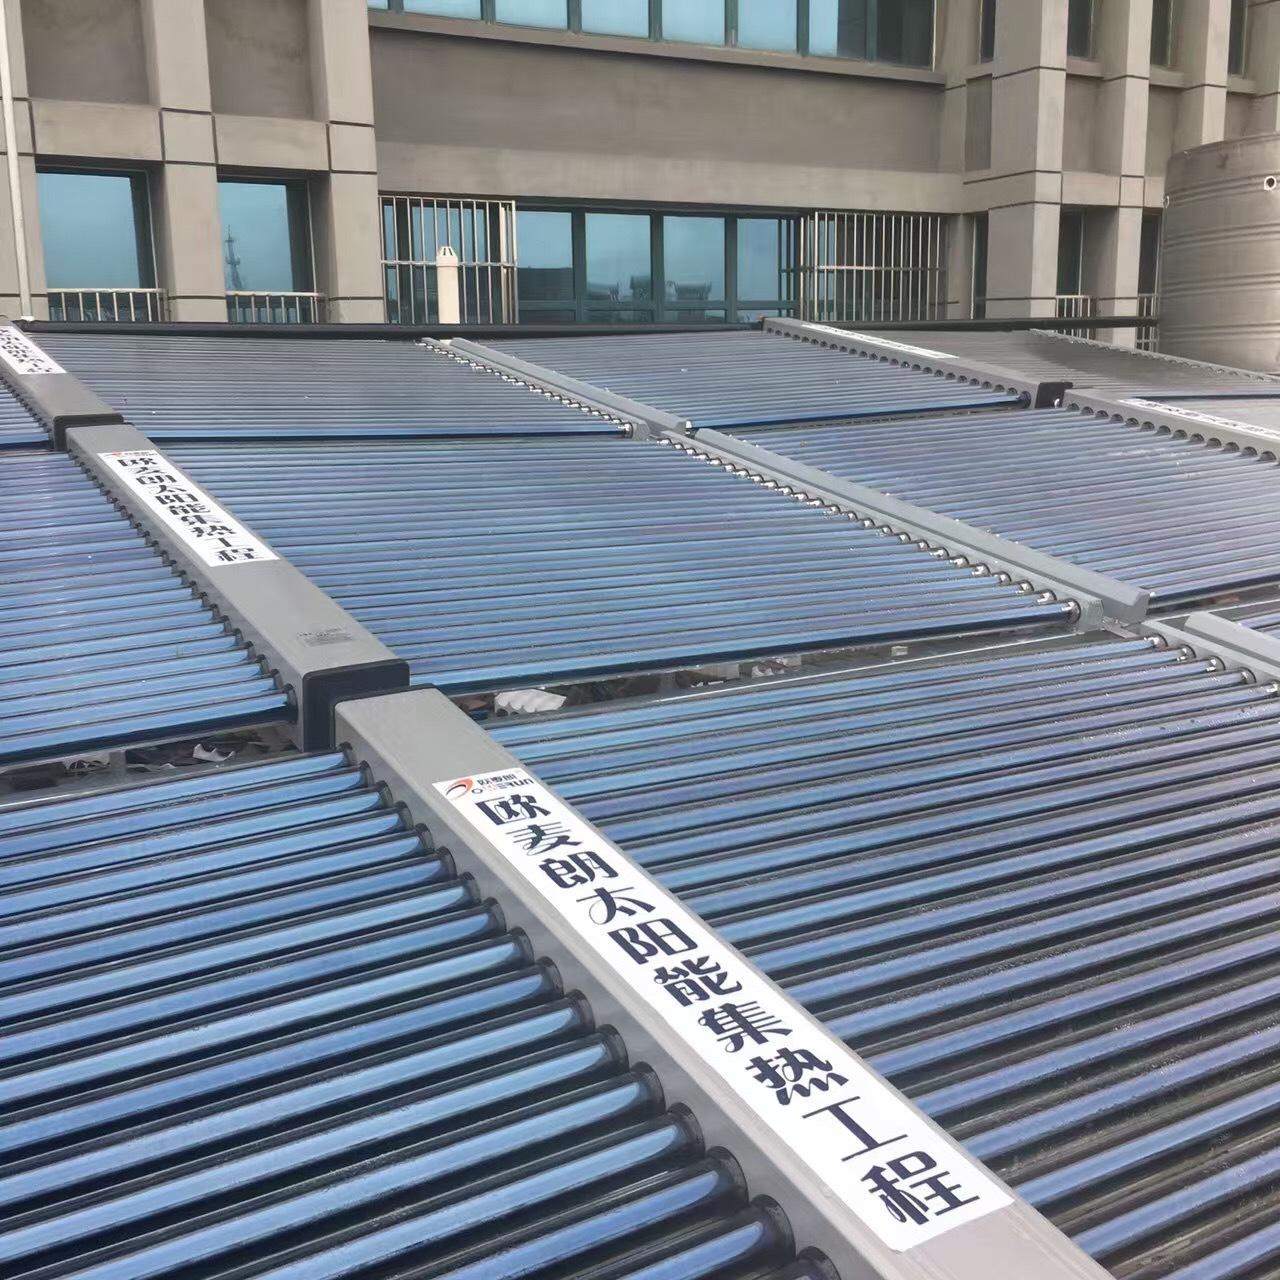 真空管太阳能热水器 平板集热器 太阳能集热系统 太阳能集中供热示例图5